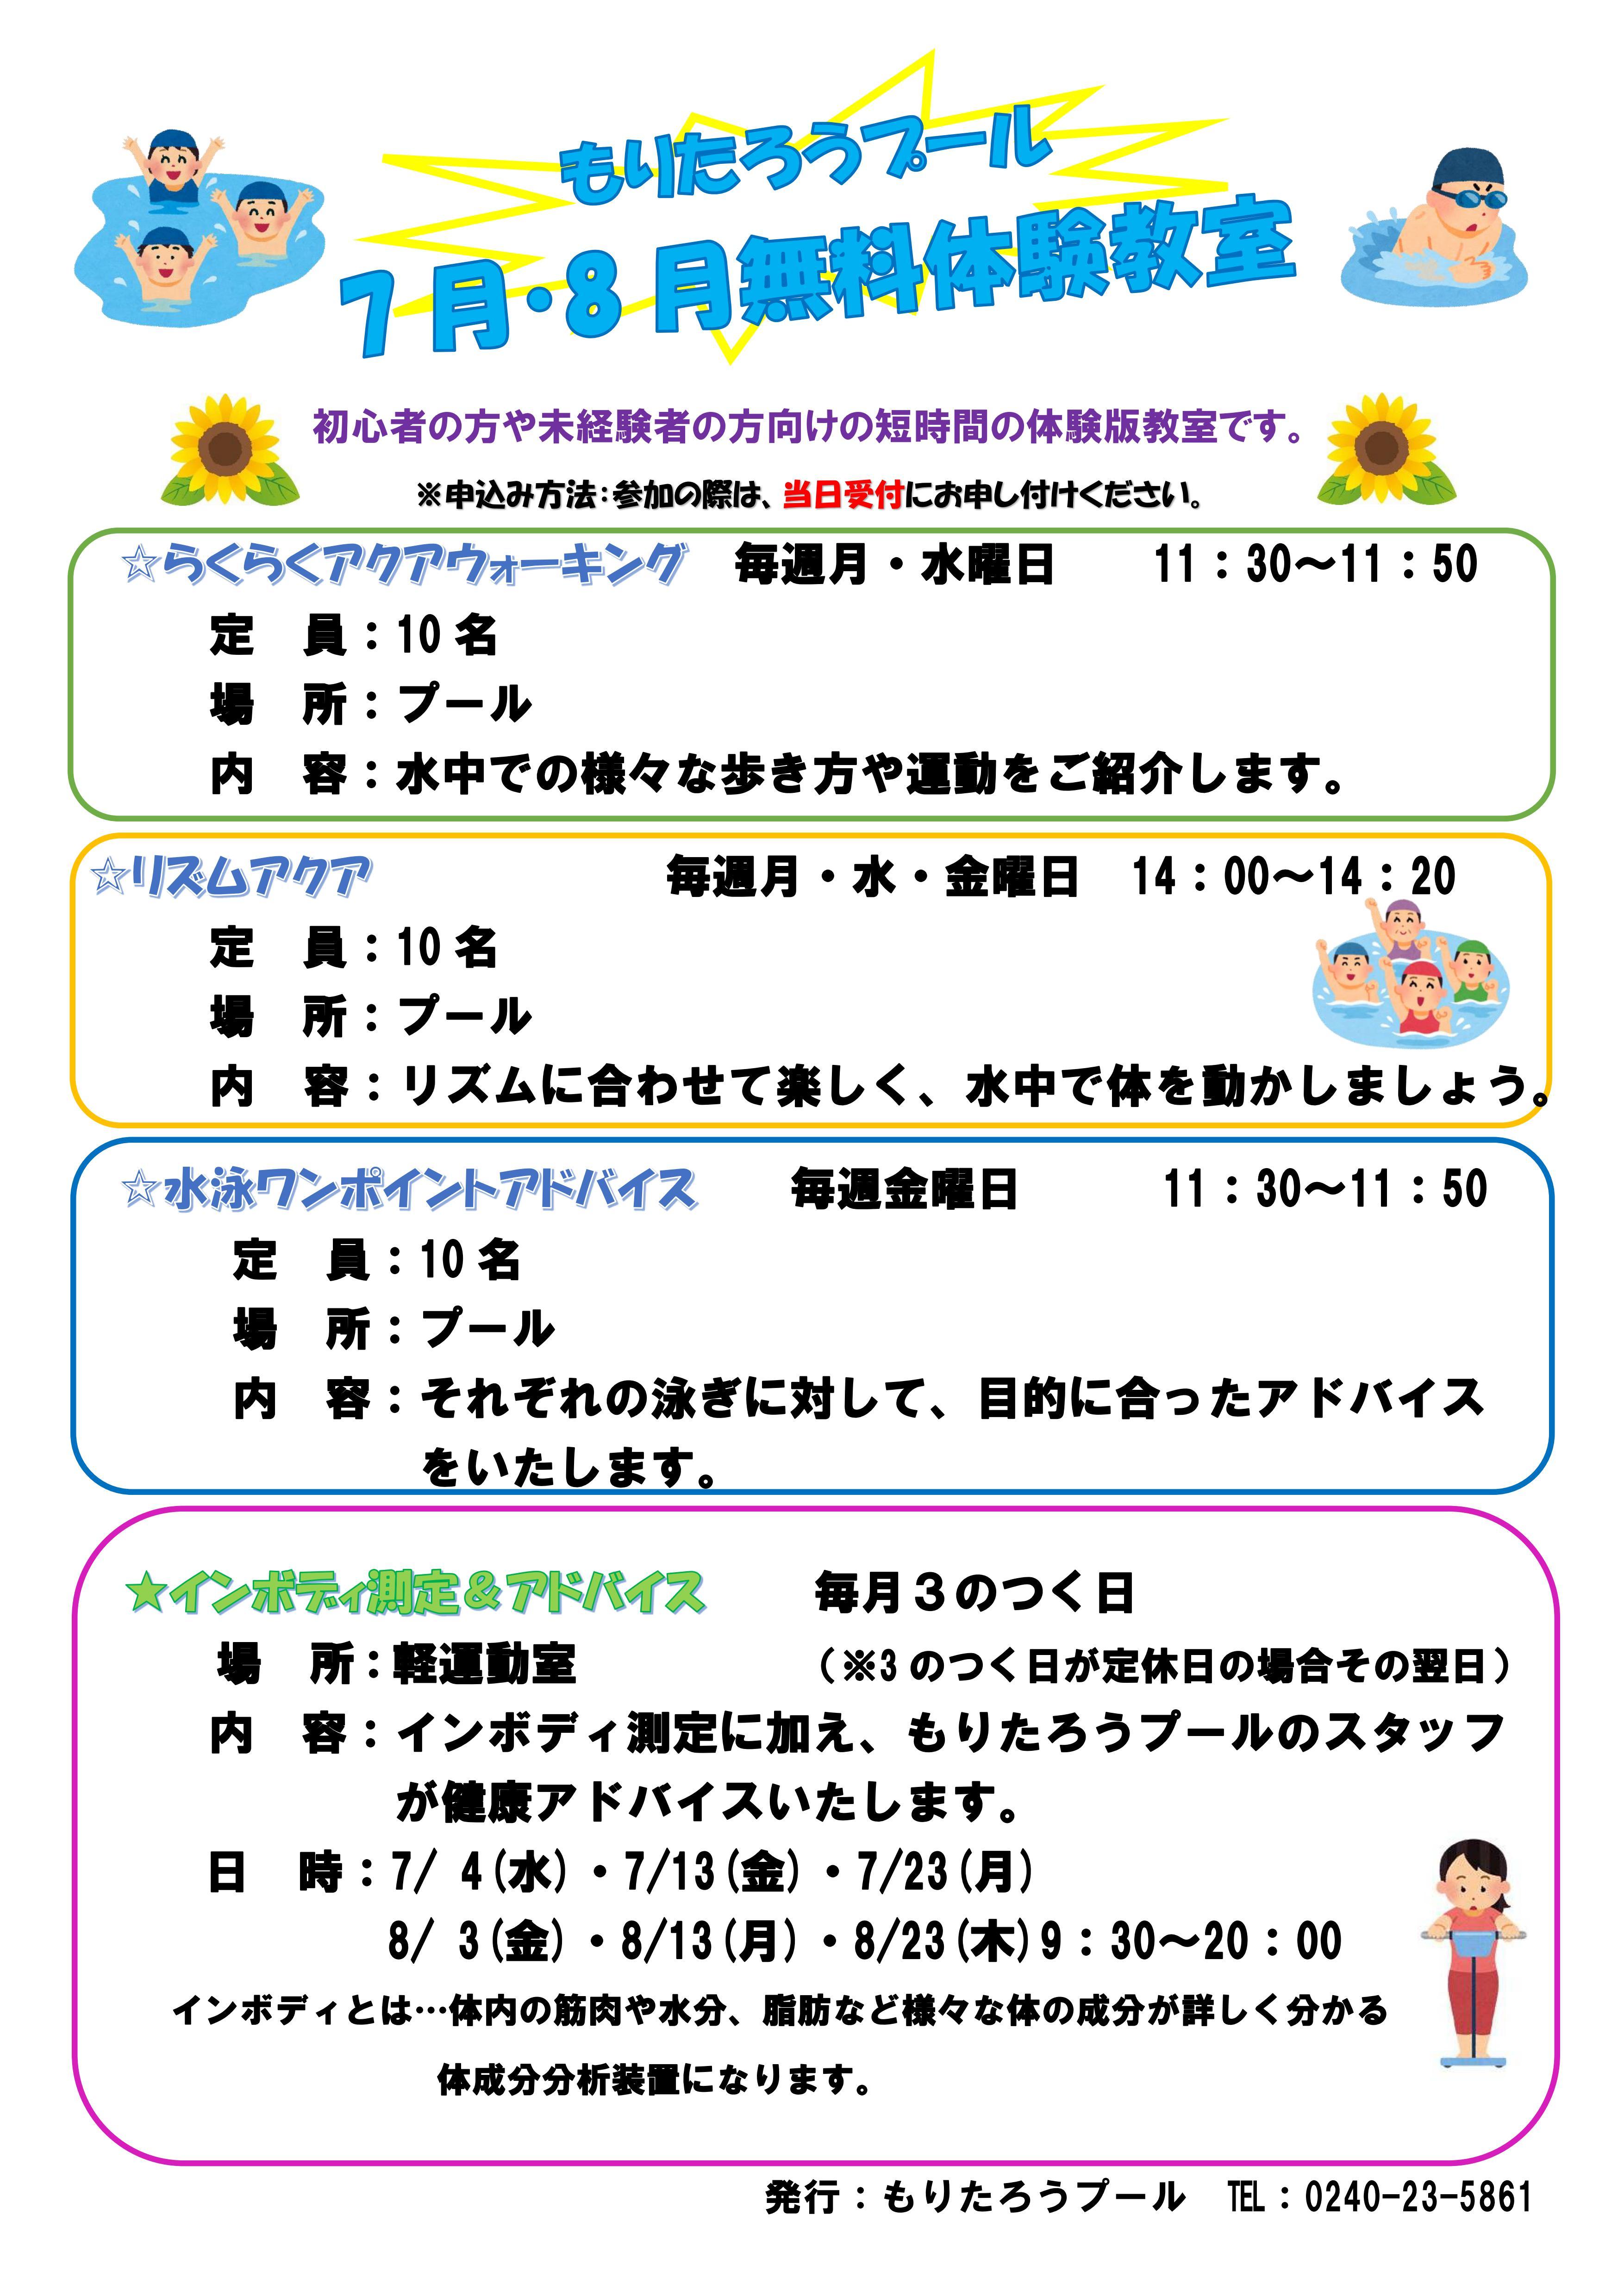 体すっきりストレッチ・水泳ワンポイントアドバイス・リズムアクア・週替わり四泳法(2018年7,8月) @ 川内村室内型村民プール(もりたろうプール) | 川内村 | 福島県 | 日本